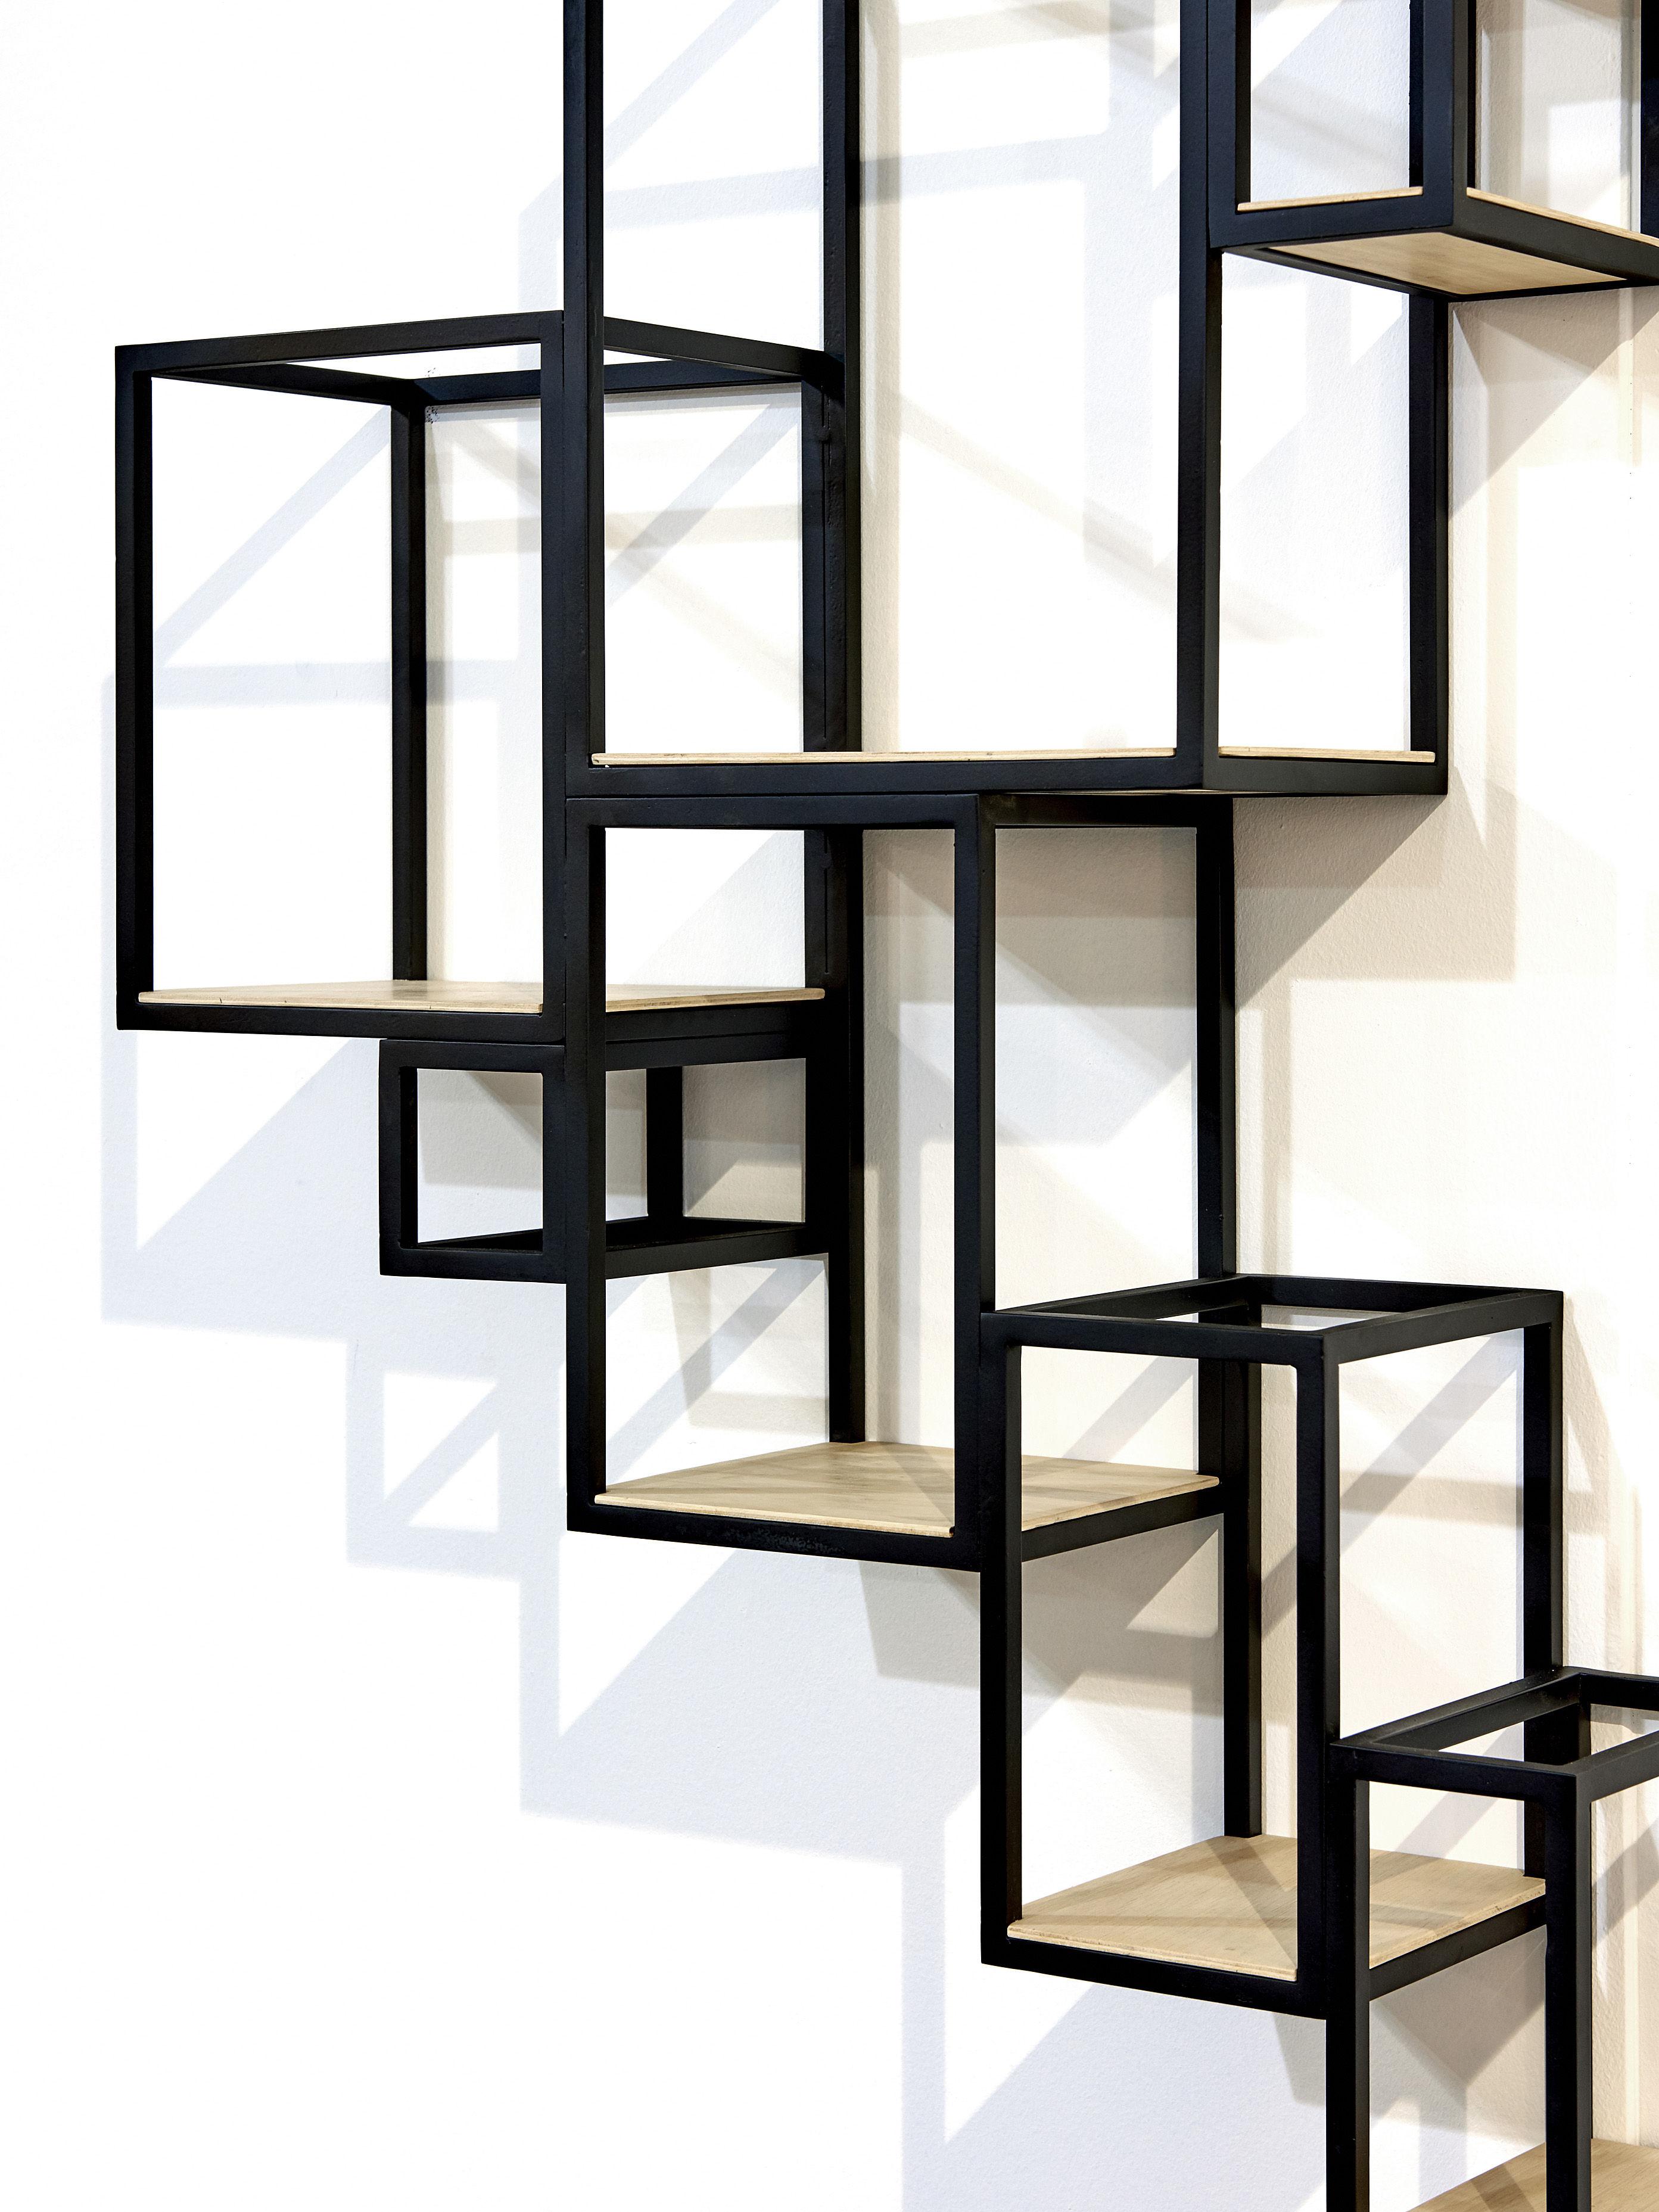 scopri libreria jointed a parete 152 x 115 cm nero. Black Bedroom Furniture Sets. Home Design Ideas